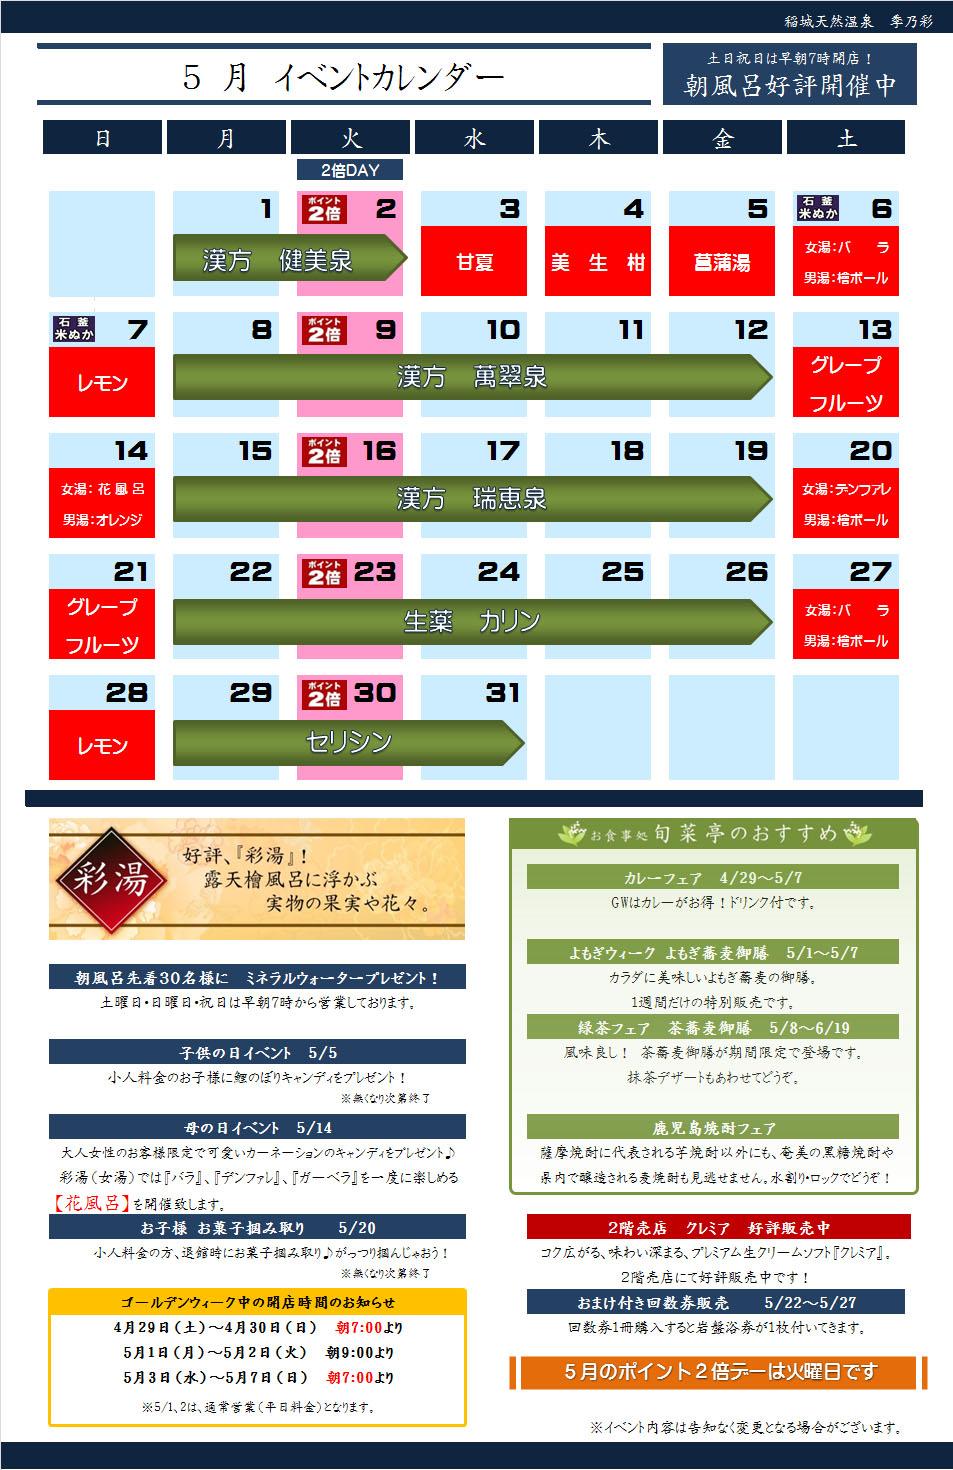 イベントカレンダー 201705_1